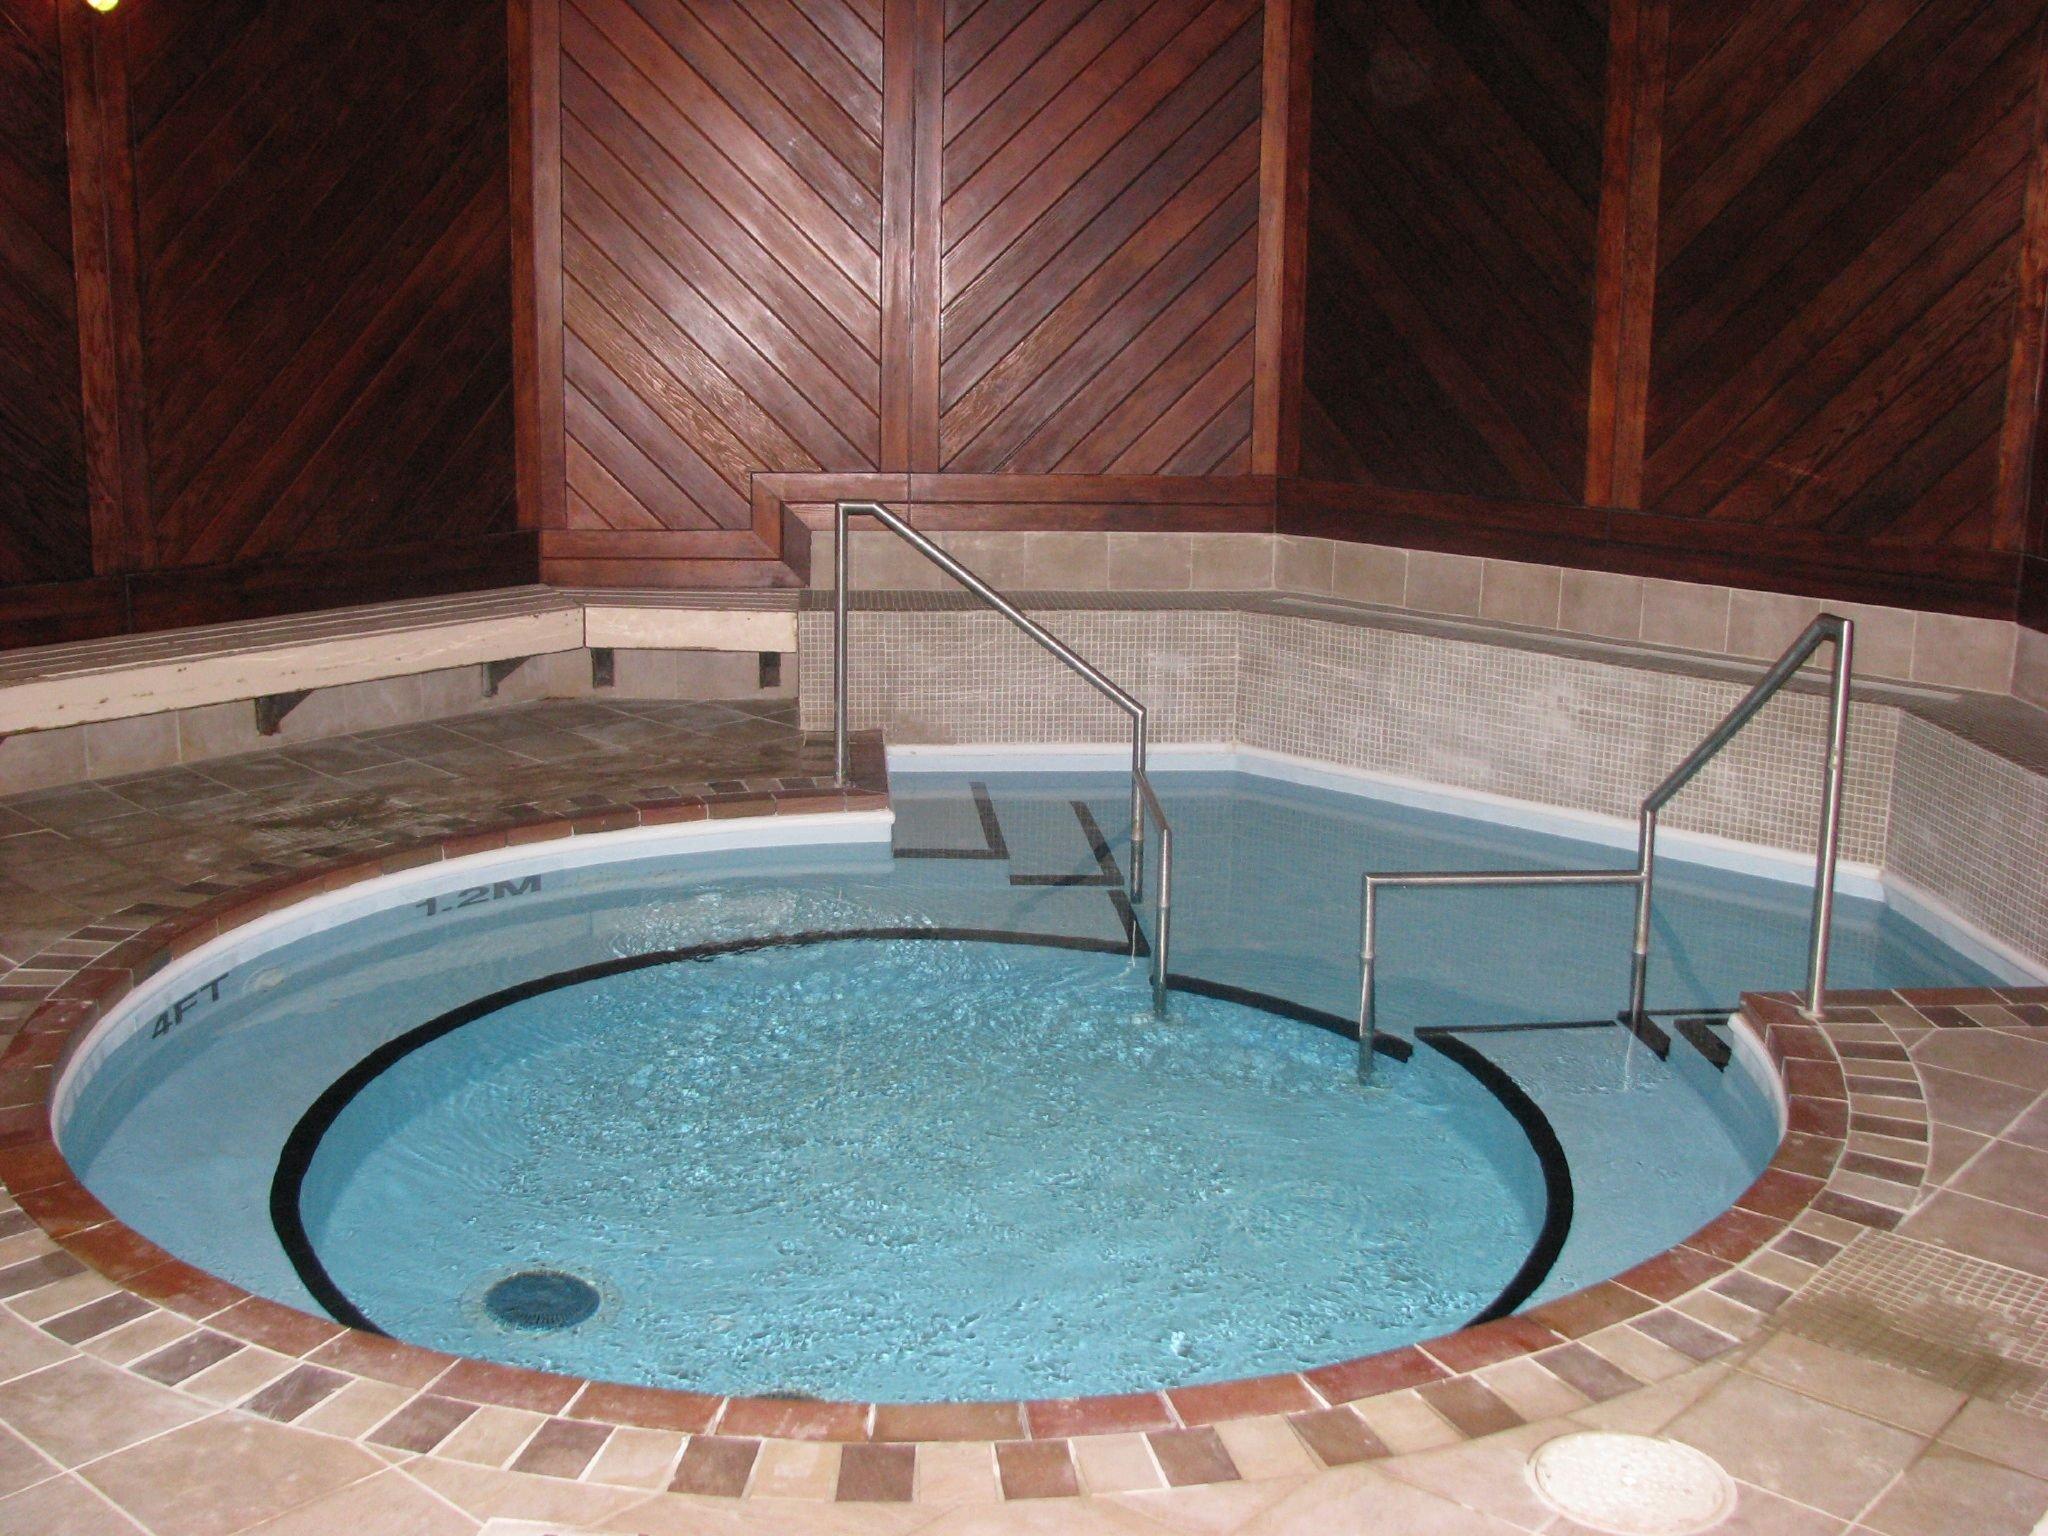 加蒂諾渥太華皇冠假日酒店